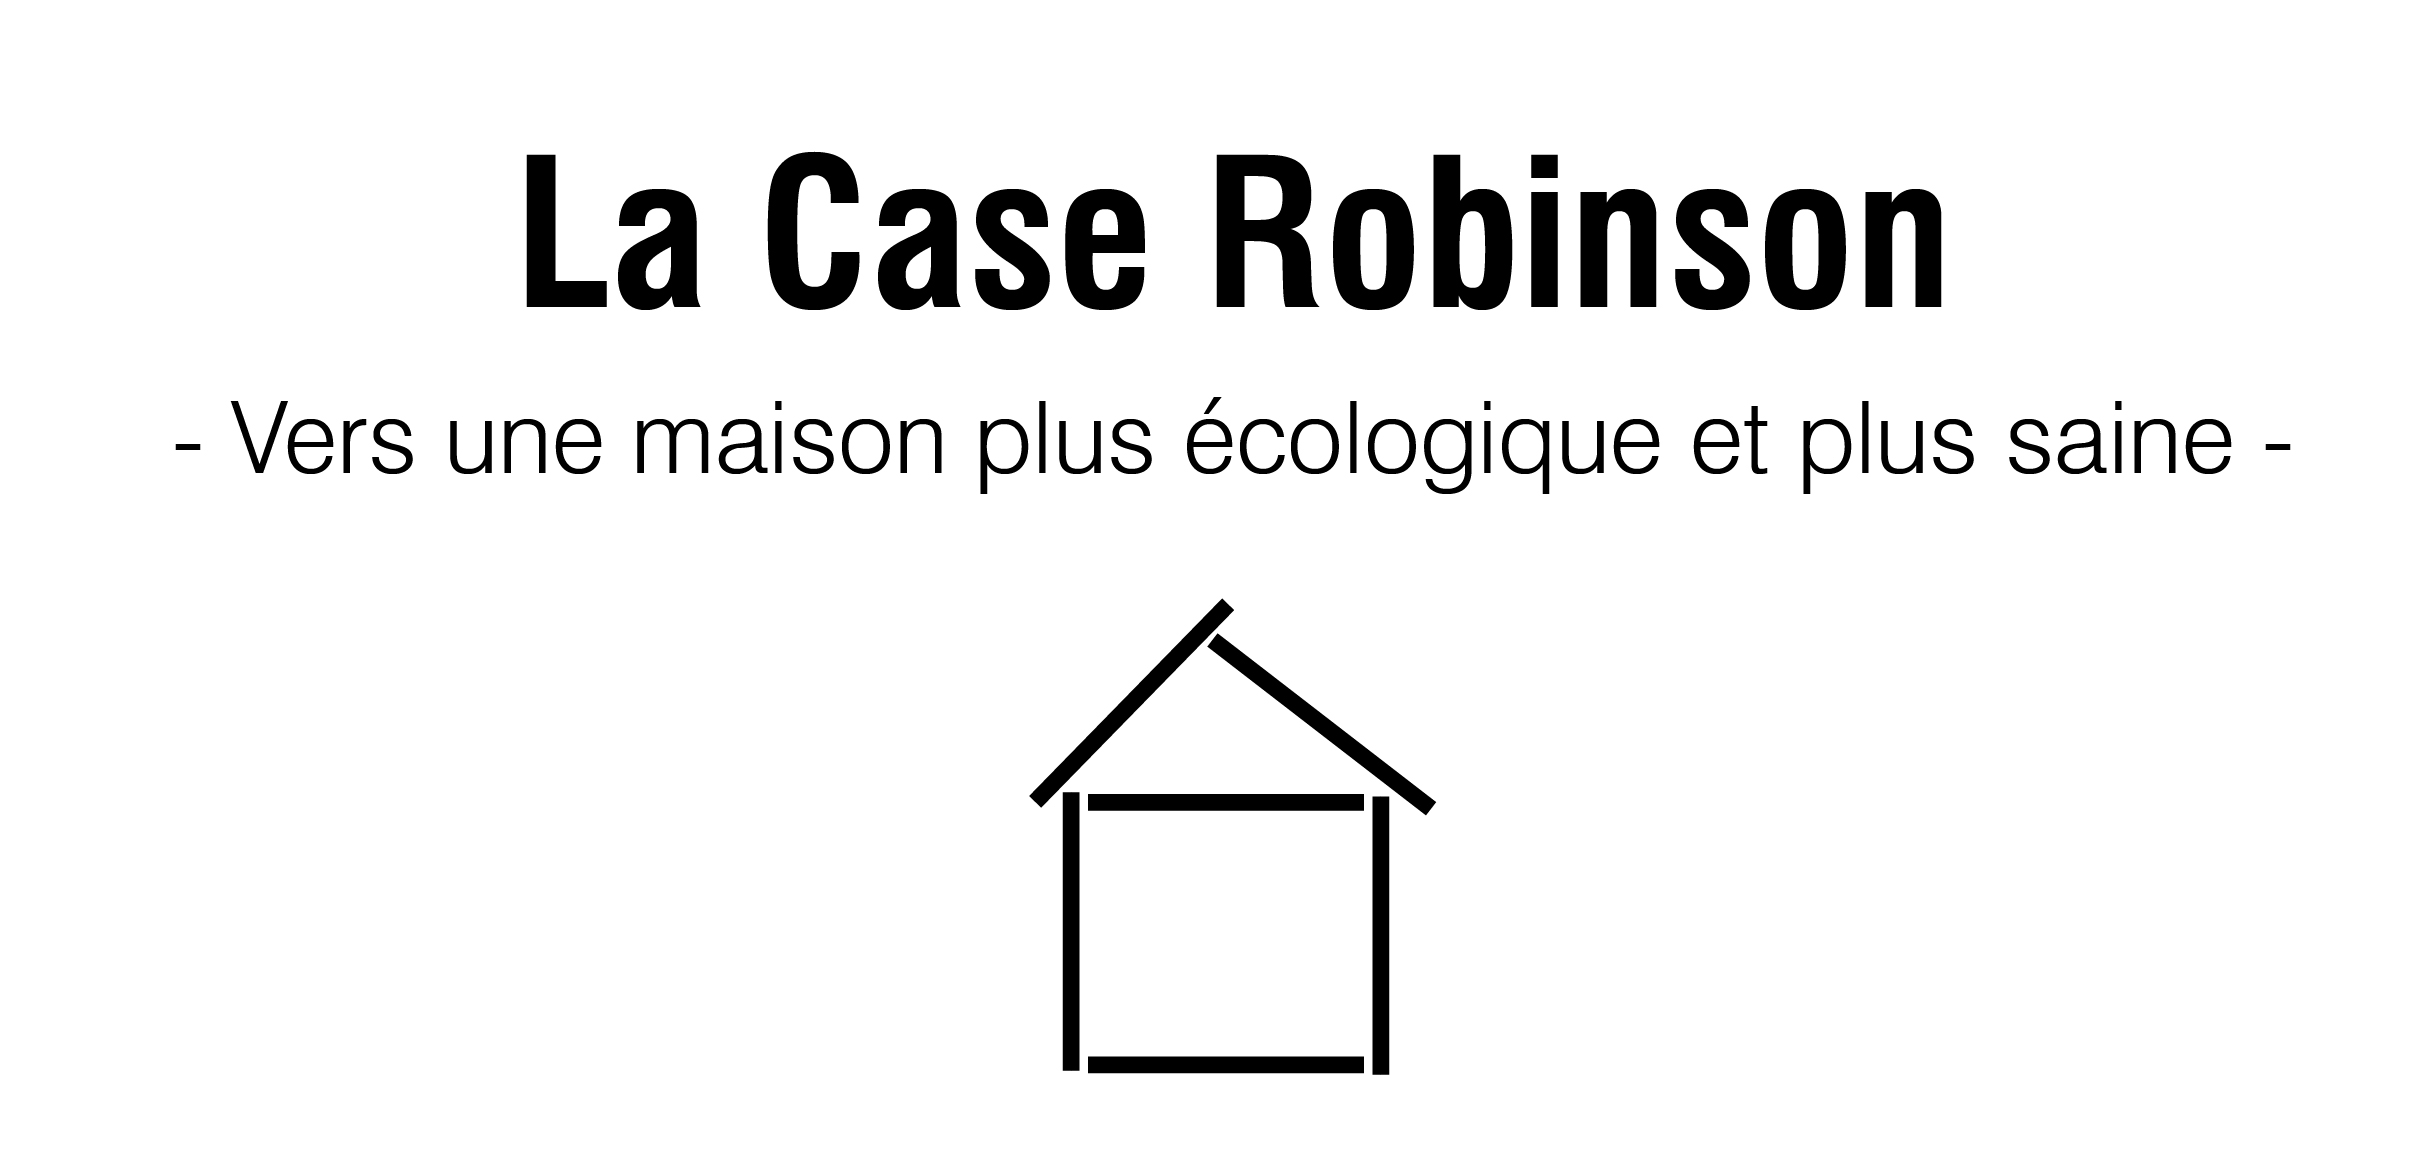 La Case Robinson